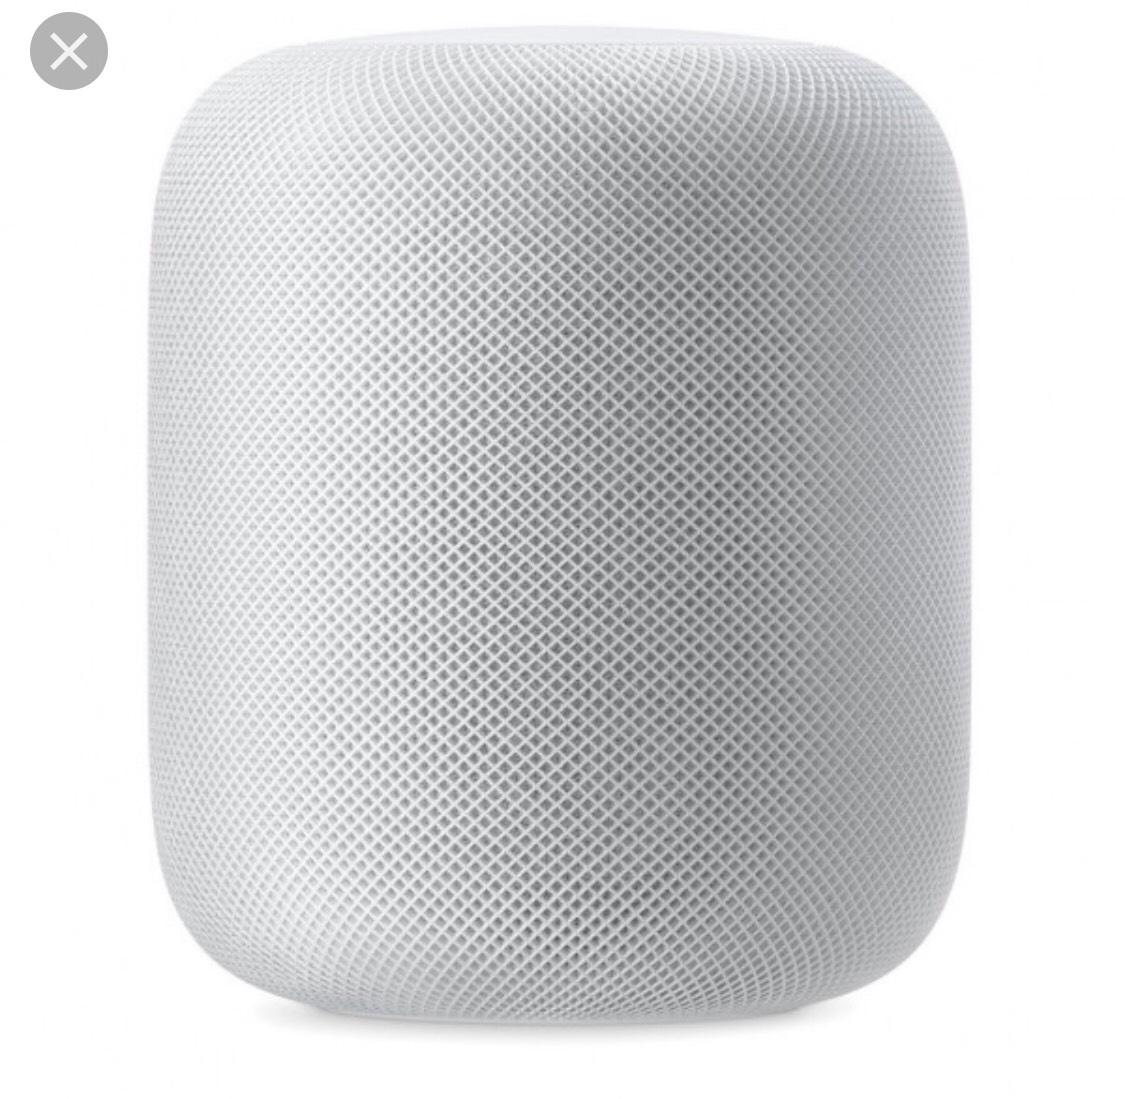 Apple HomePod in weiß nur lokal